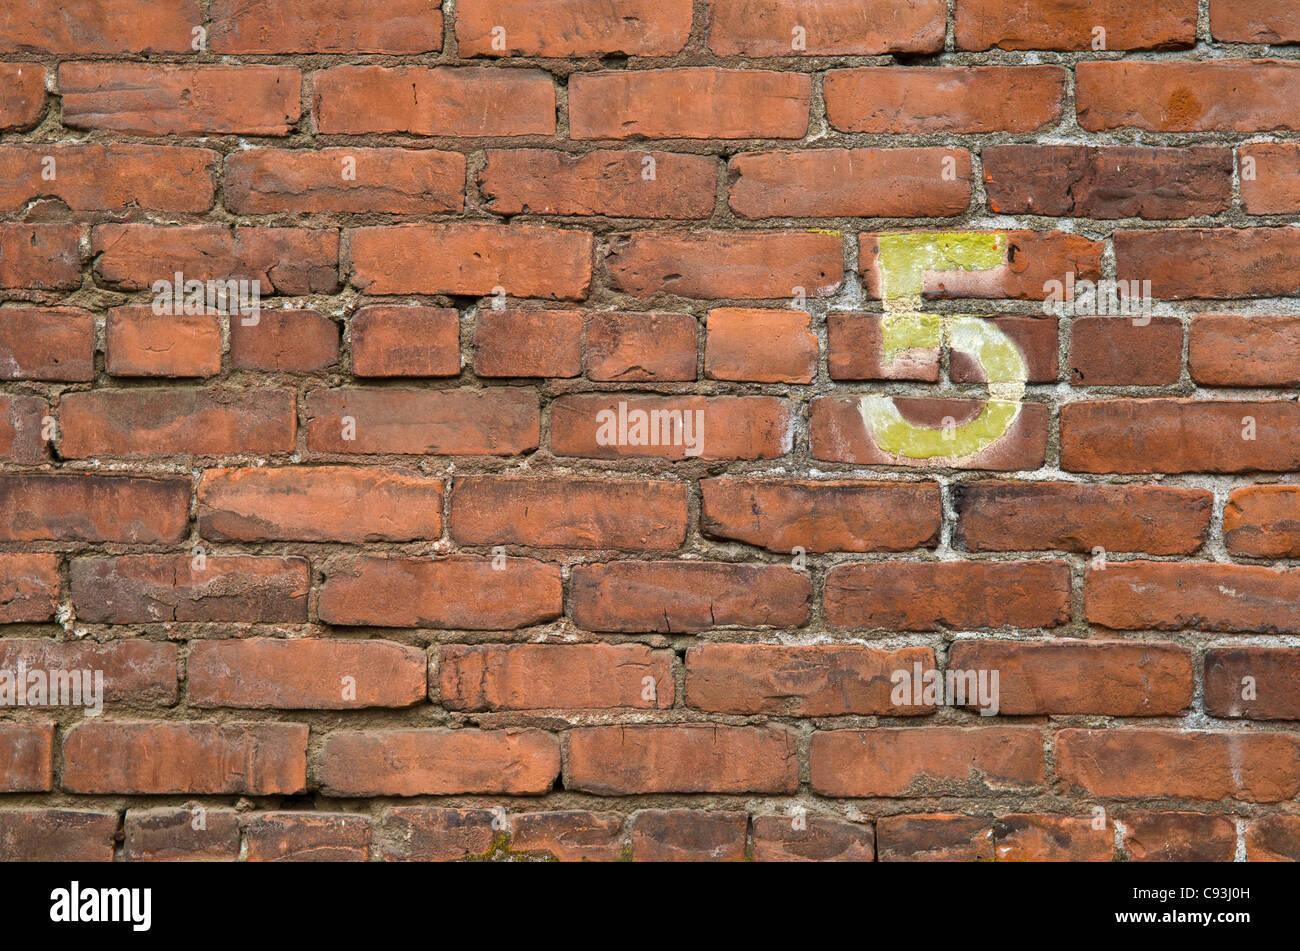 El número 5 pintado sobre una pared de ladrillos en el barrio Pearl de Portland, Oregon. Imagen De Stock